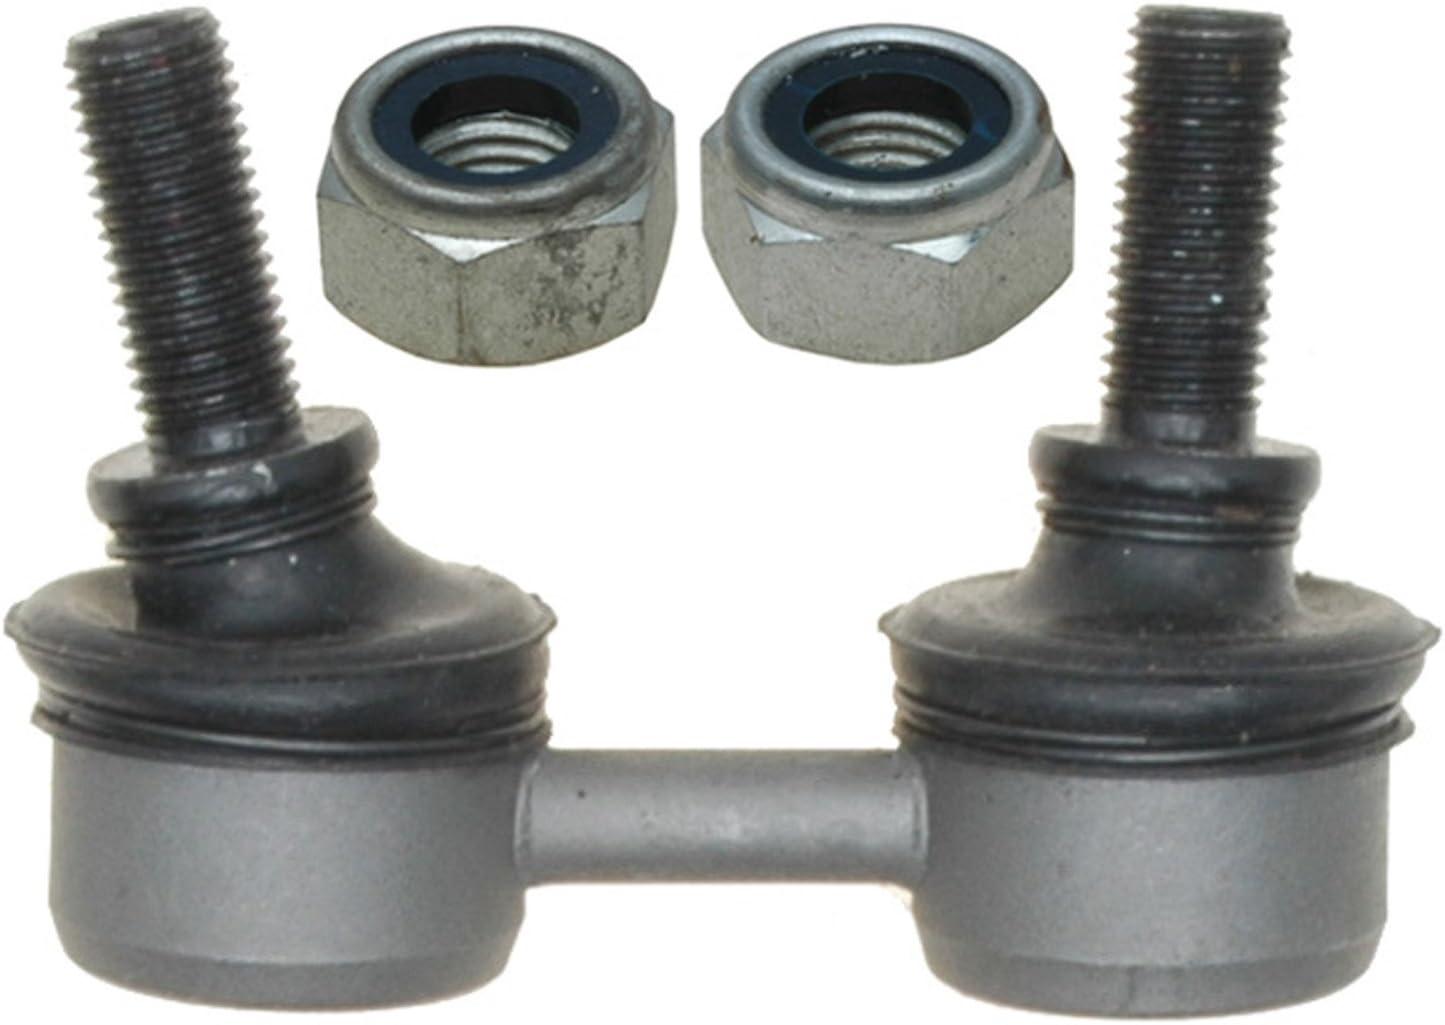 2007-2009 Volkswagen Jetta City 2006-2008 Volkswagen Passat OCPTY Engine Crank Crankshaft Position Sensor Fits 2001-2014 Volkswagen Jetta